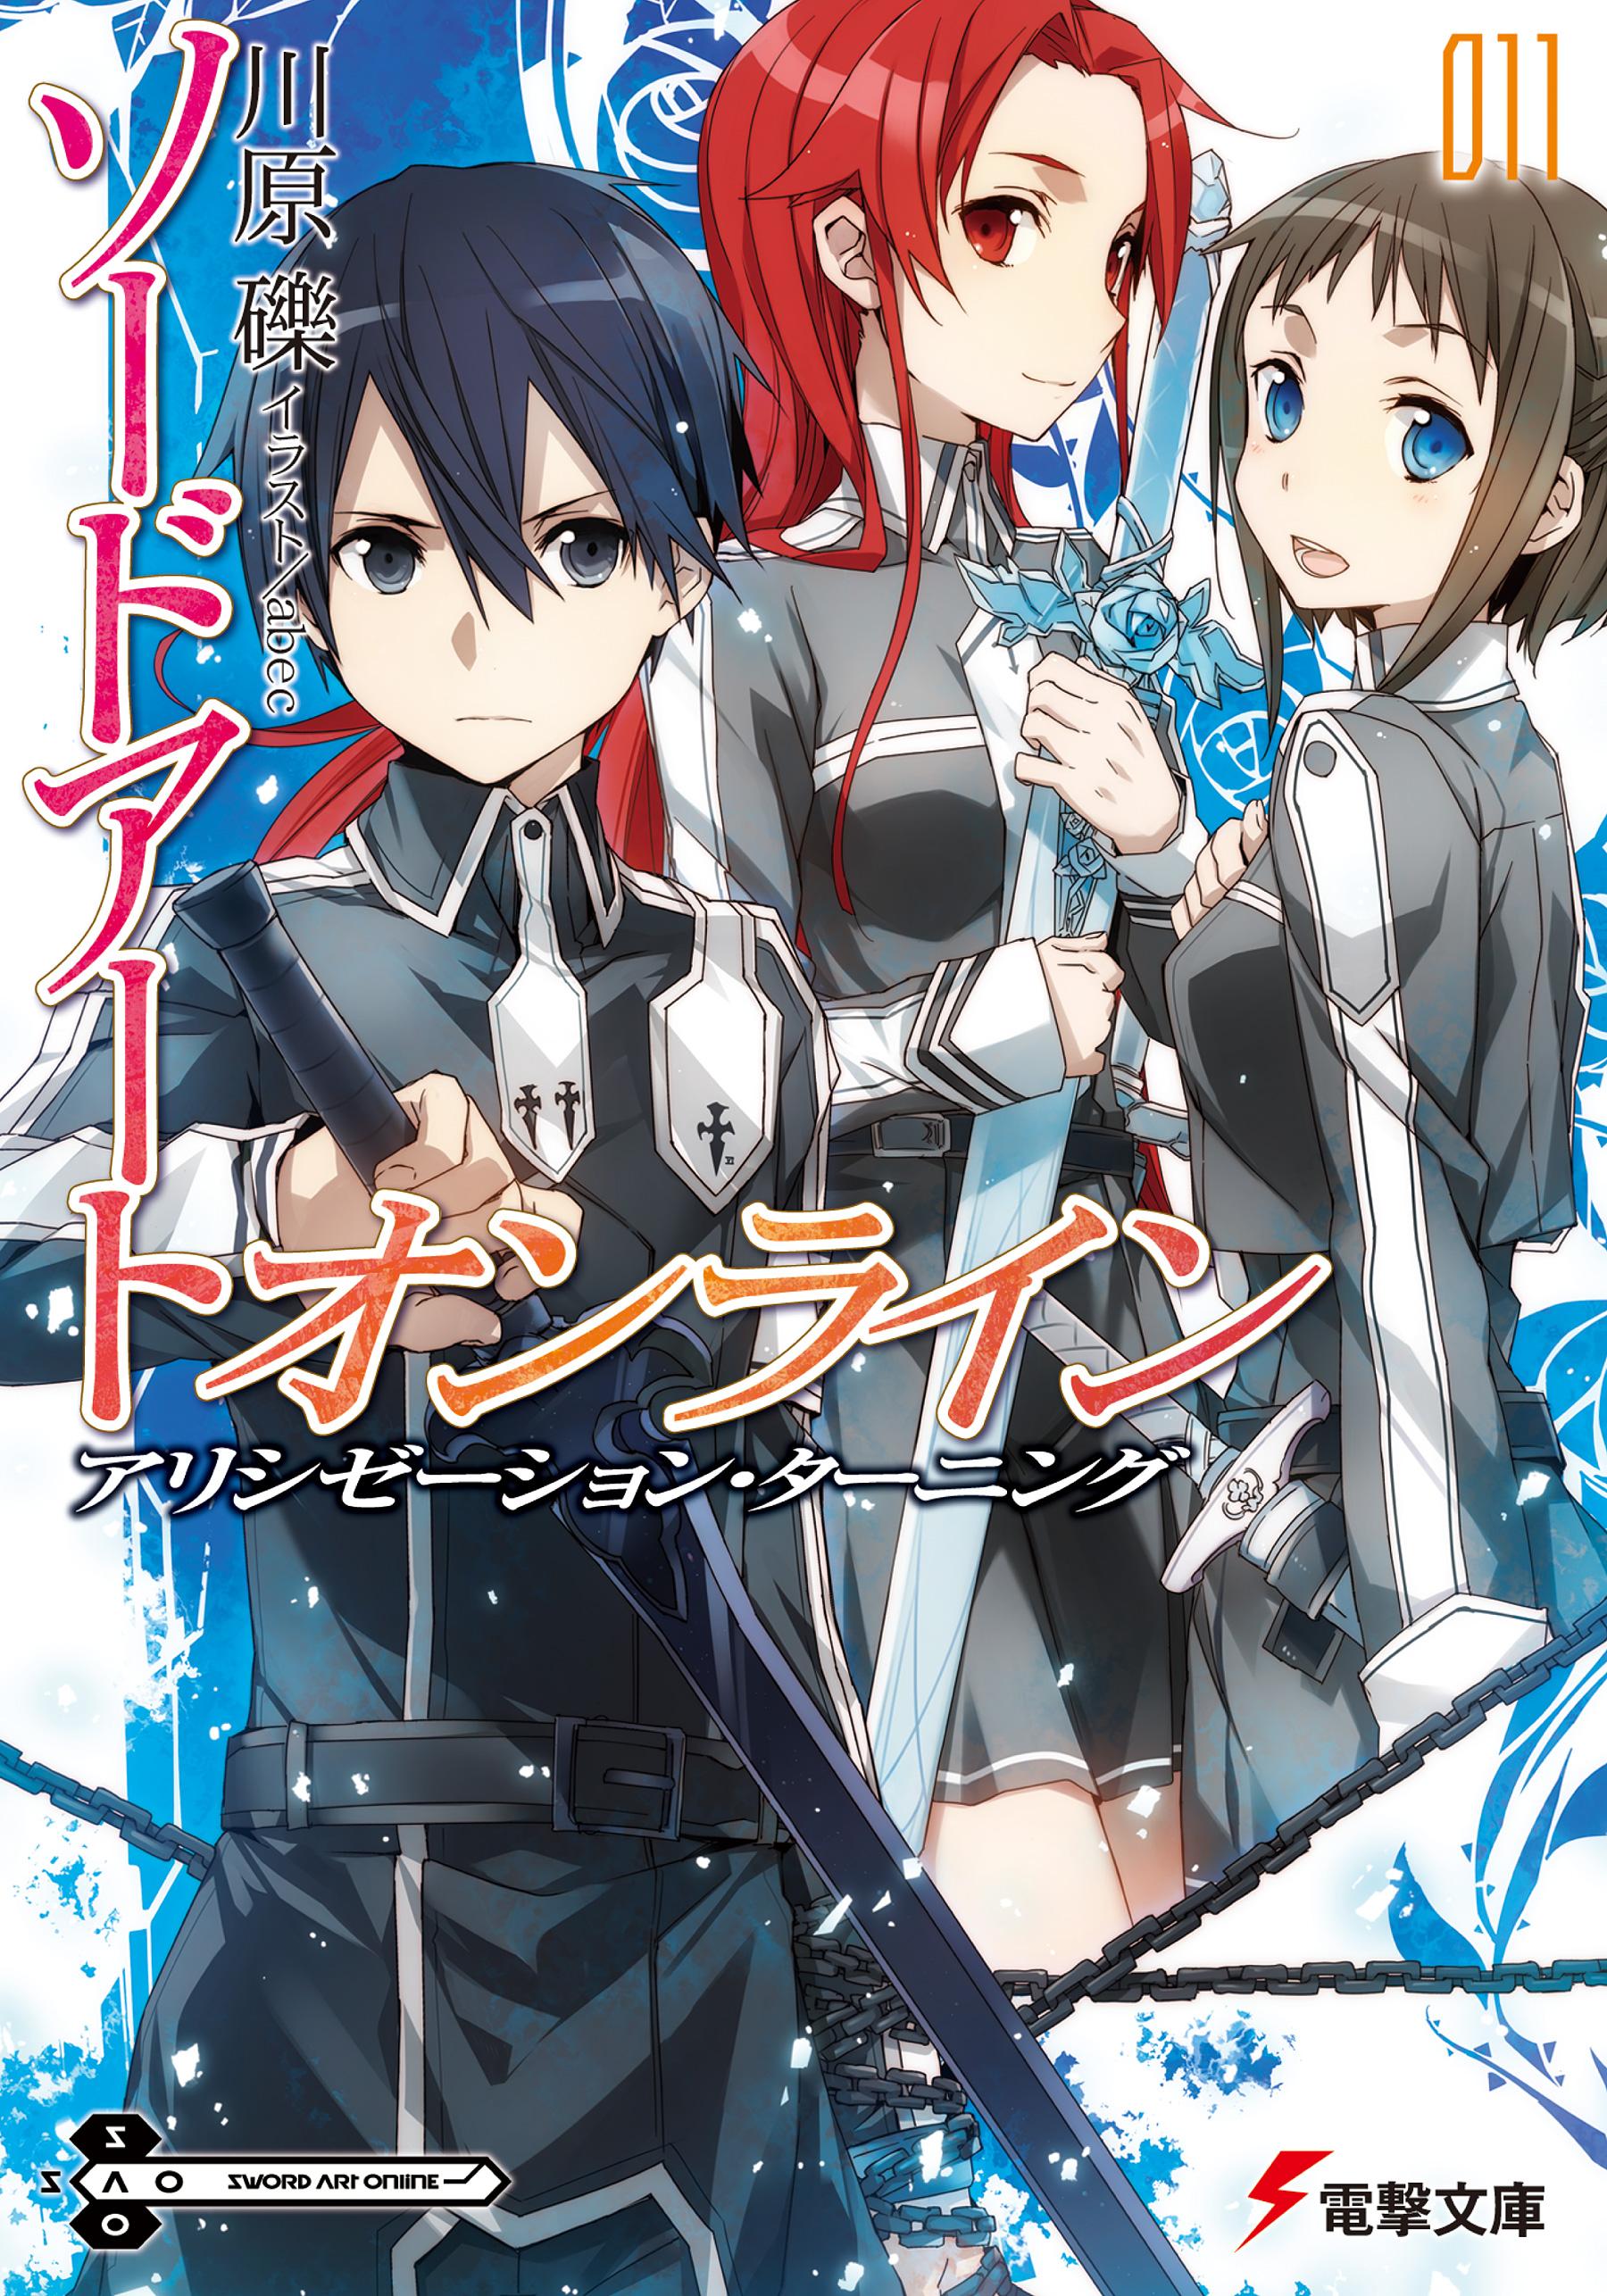 Sword Art Online Light Novel Volume 11 | Sword Art Online ...